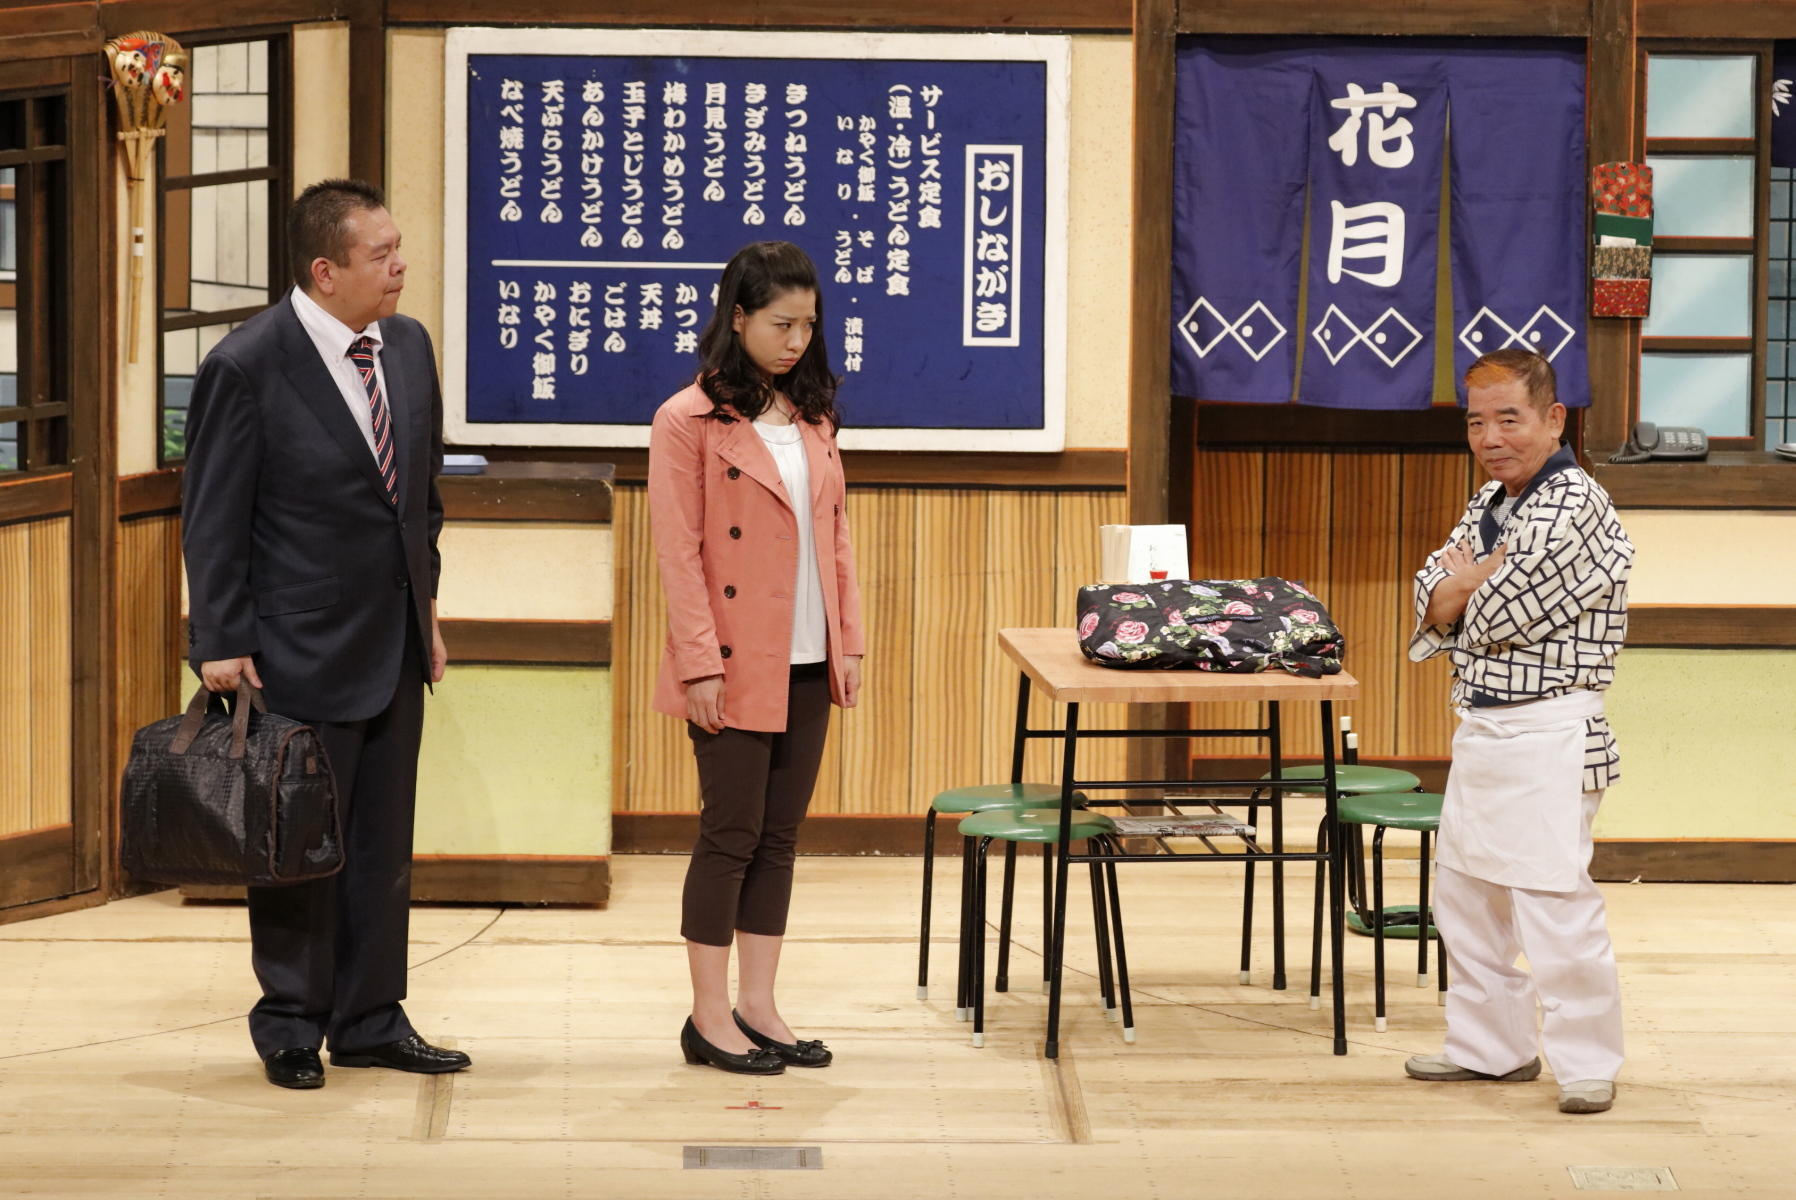 http://news.yoshimoto.co.jp/20160929214006-0232eac2871d9e9705c1ddb530c06c278b8a3978.jpg